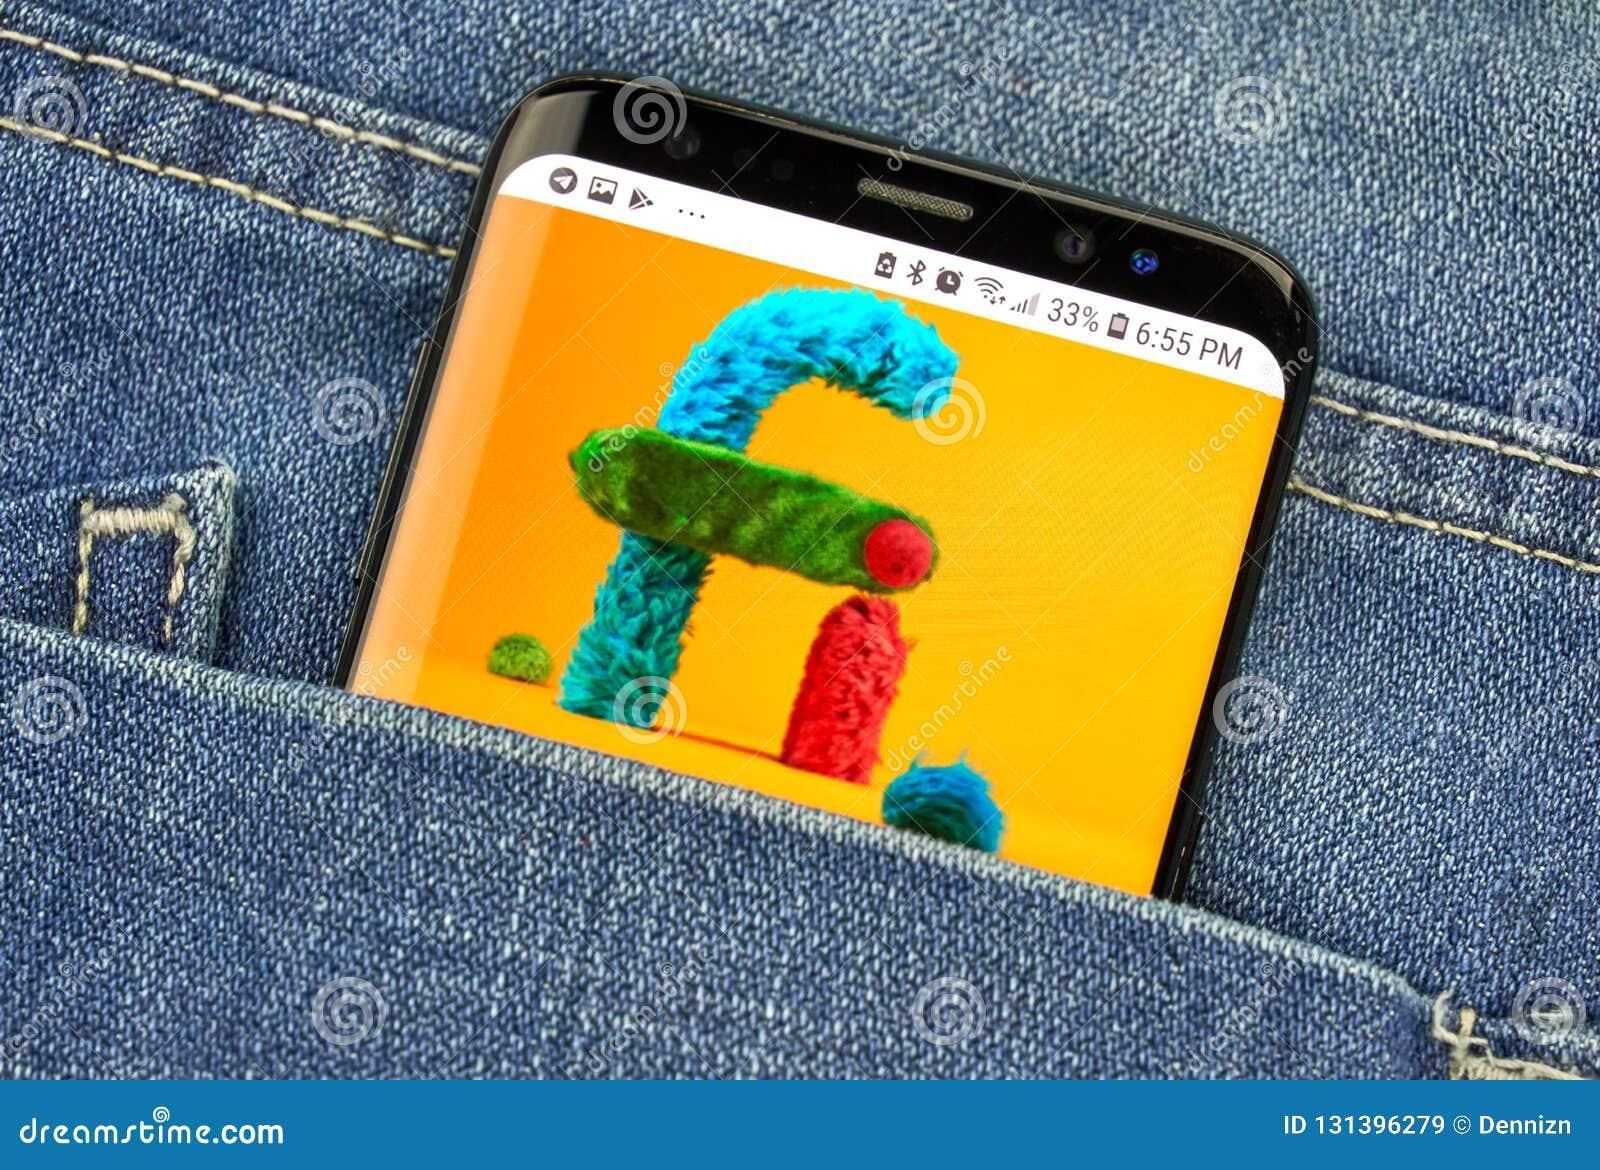 MONTREAL KANADA, PAŹDZIERNIK, - 4, 2018: Google projekt fi, mobilny wirtualnej sieci logo na s8 ekranie Google jest Amerykańskim